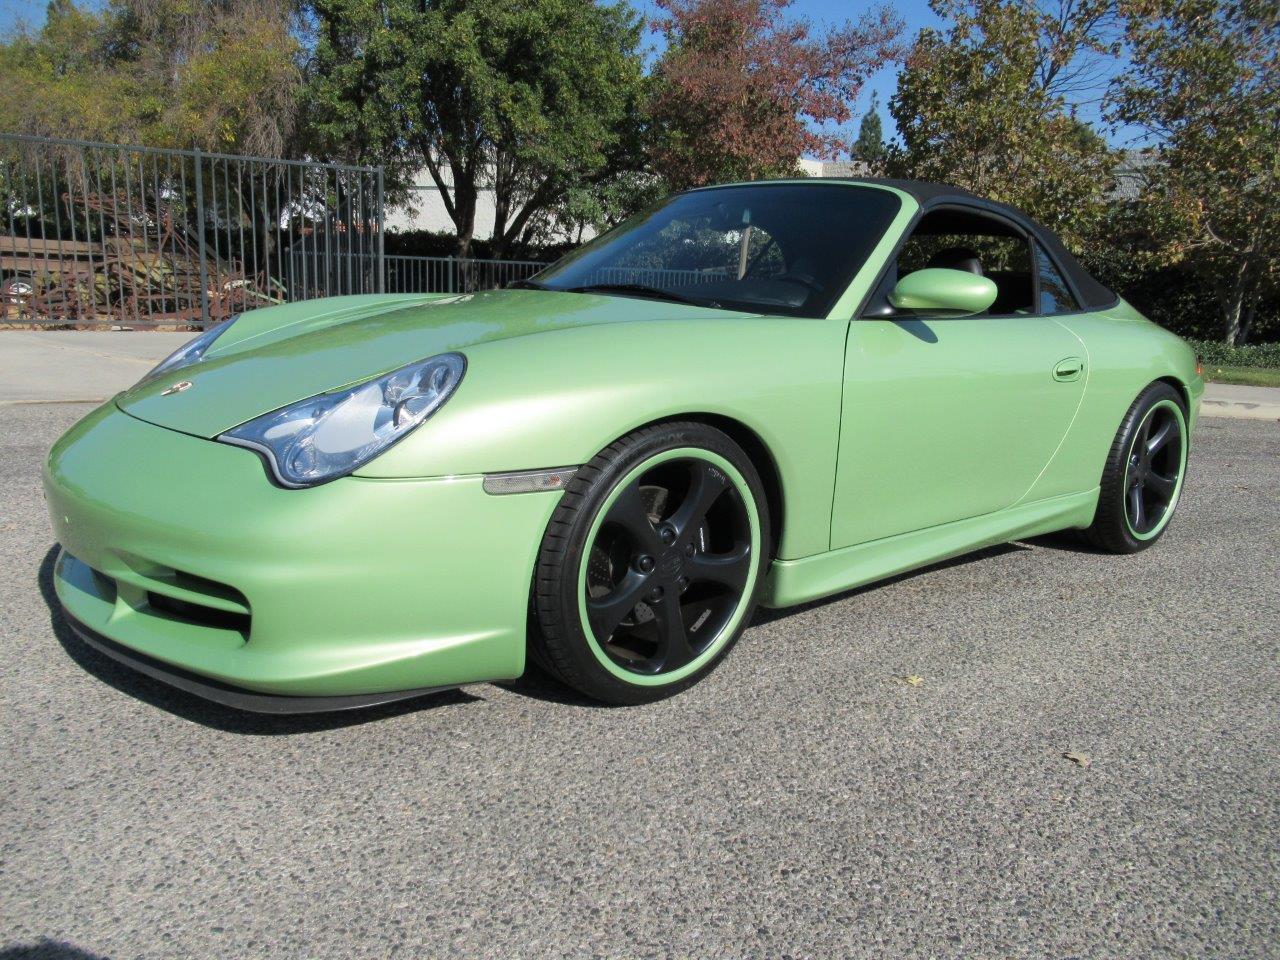 2002 Porsche Carrera (CC-1164535) for sale in Simi Valley, California